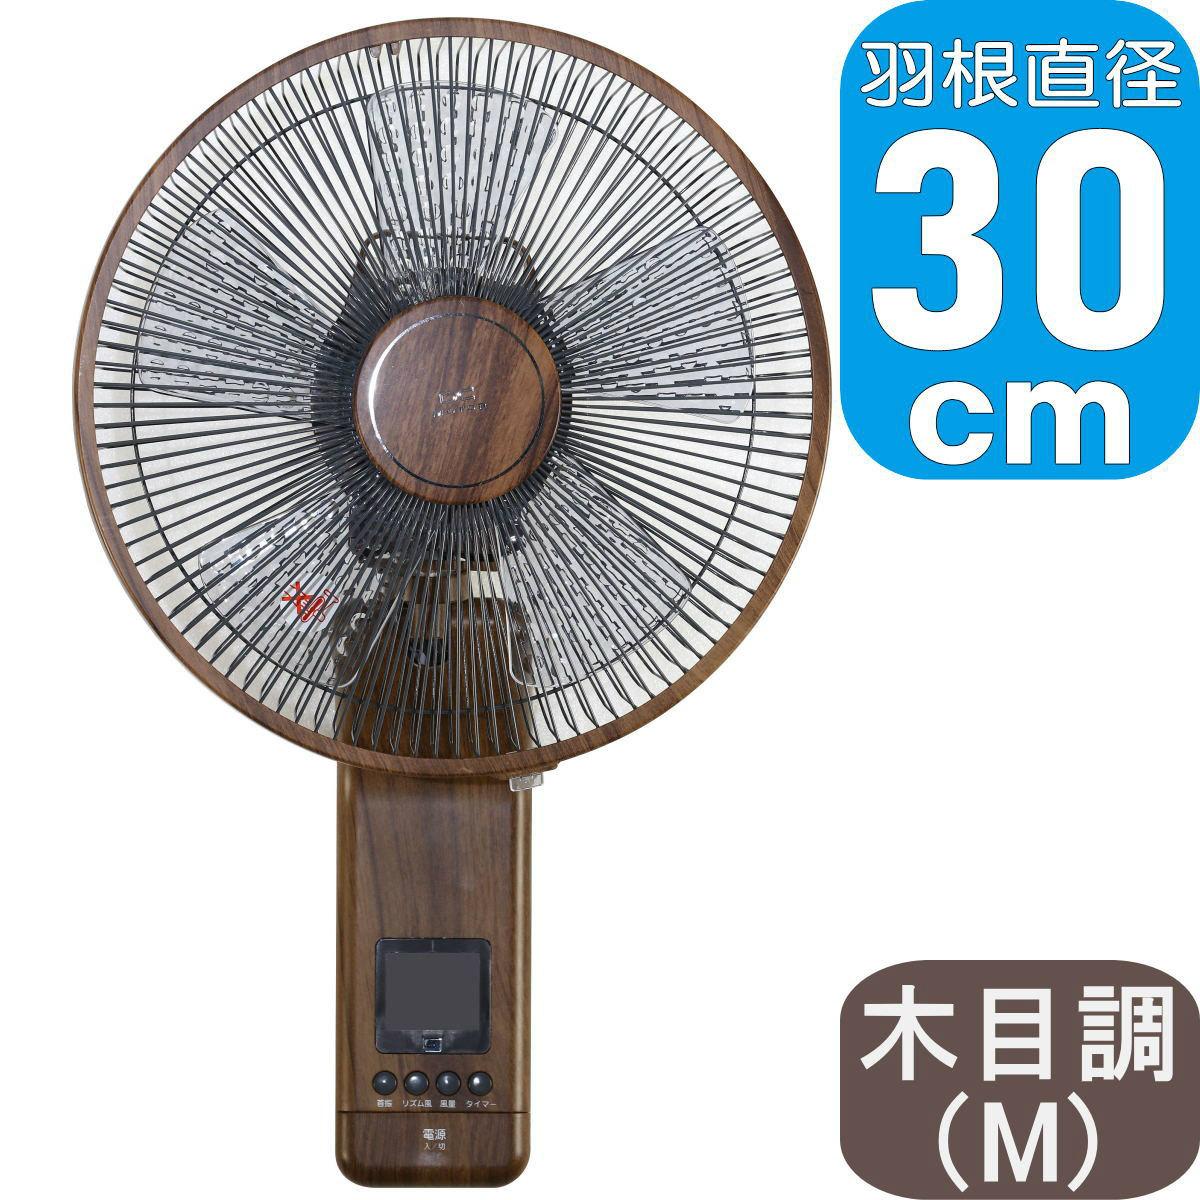 【あす楽】SKJ 8の字DC壁掛け扇風機 | SKJ-K309WDC8(M) | 木目調 | 30cm 5枚羽根 | 8段階風量 | リモコン付 | エスケイジャパン 1年保証